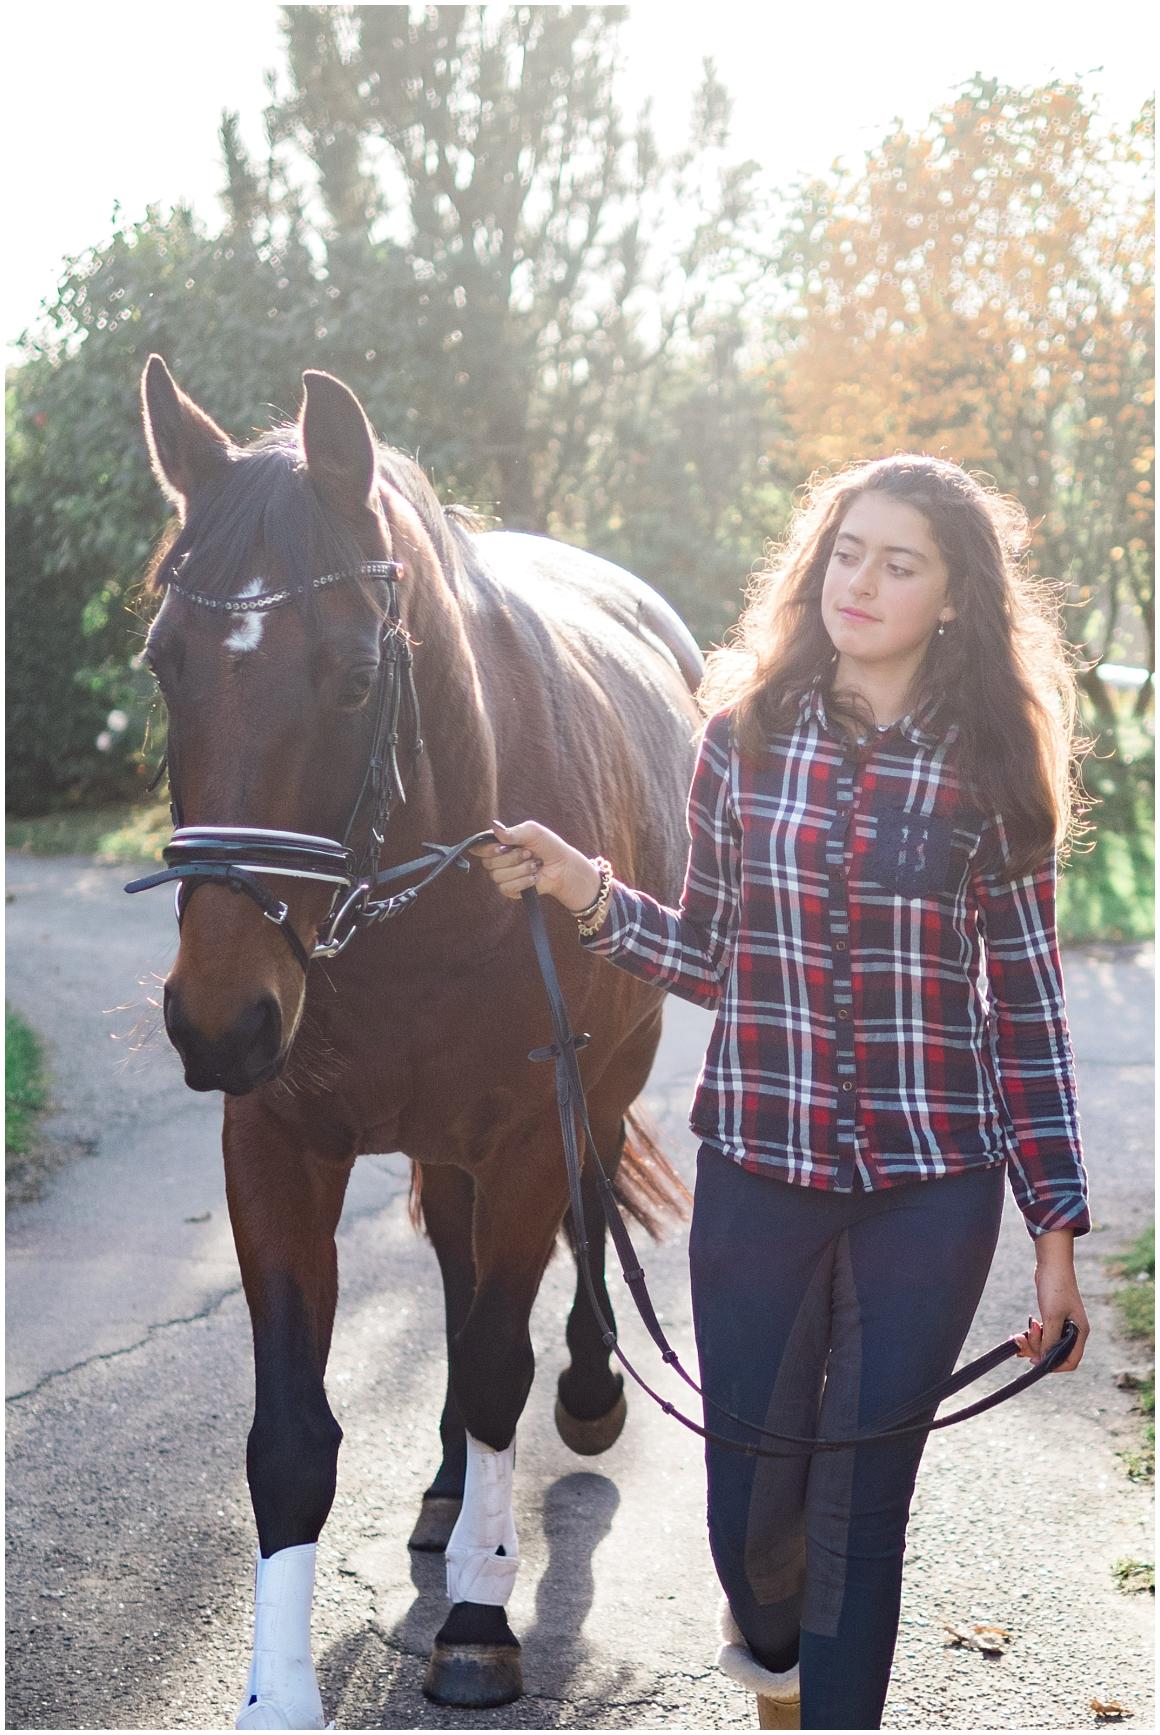 pferdefotograf-pferdeportrait-fotoshooting-mit-pferd-münchen-rosenheim-by-katrin-kind-photography_0005.jpg